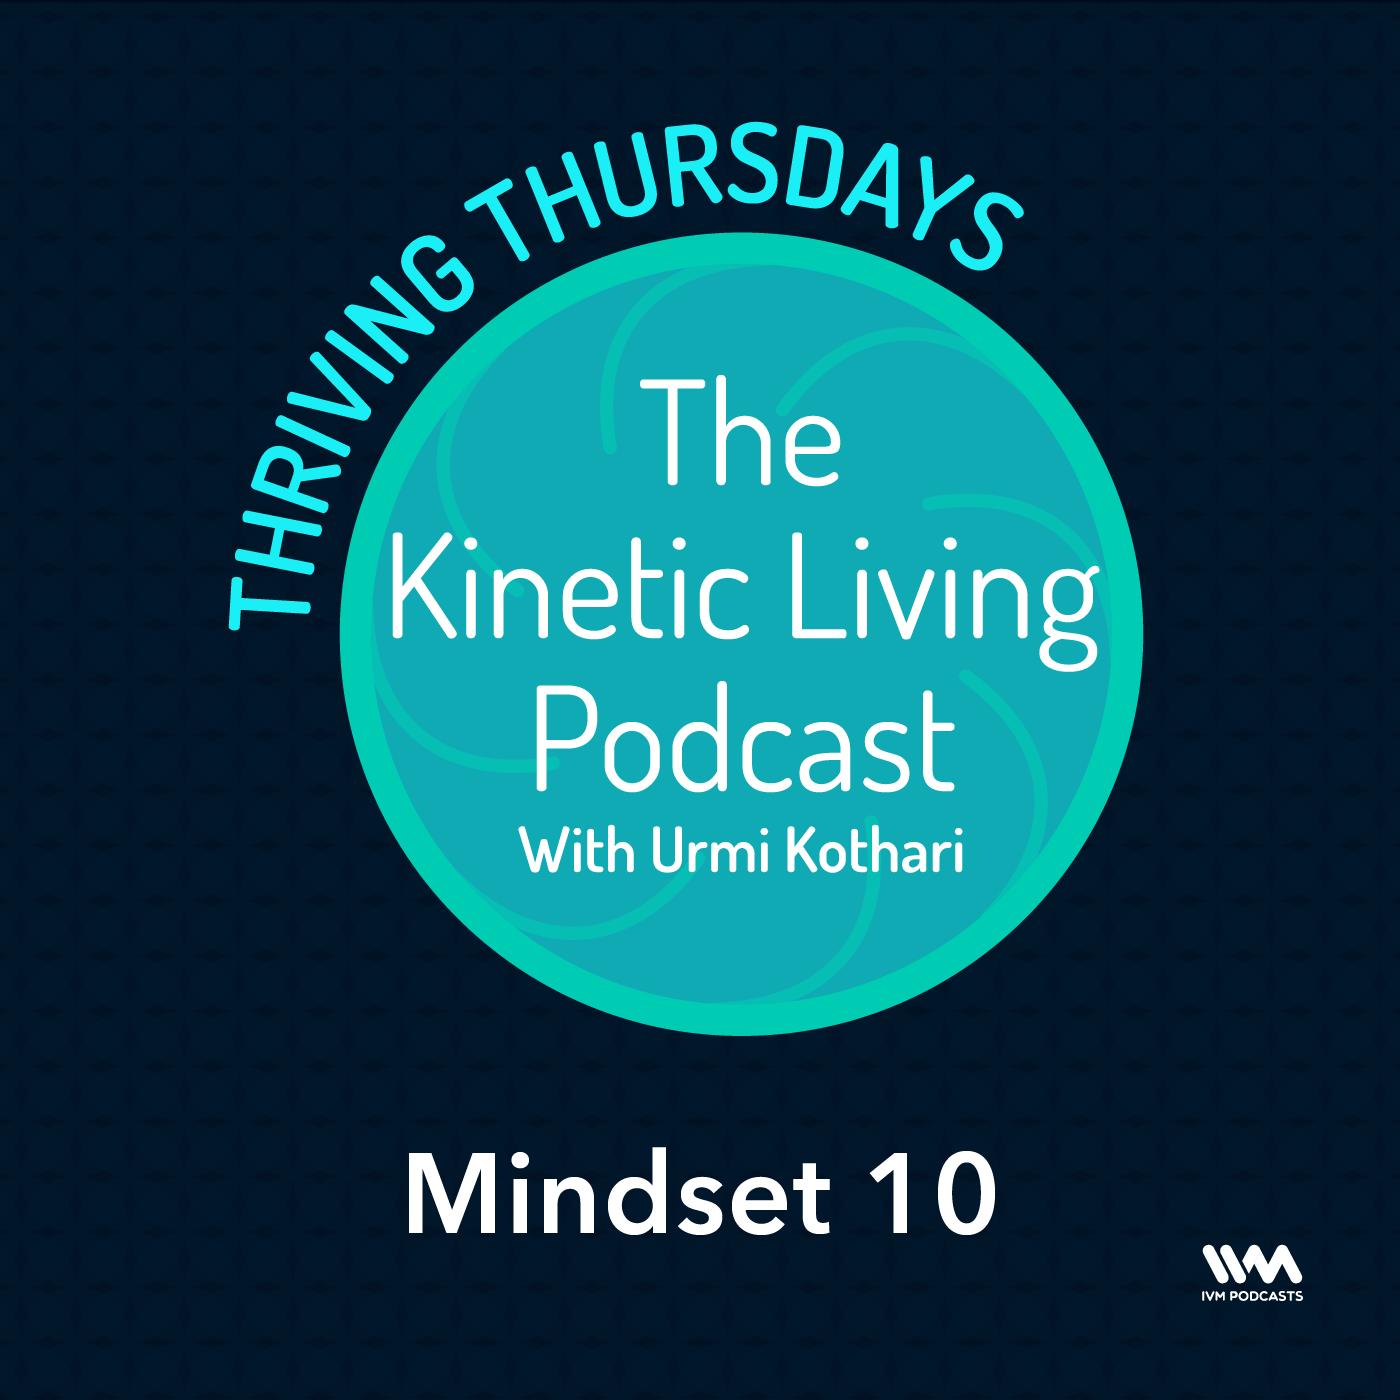 S02 E10: Thriving Thursday- Mindset 10